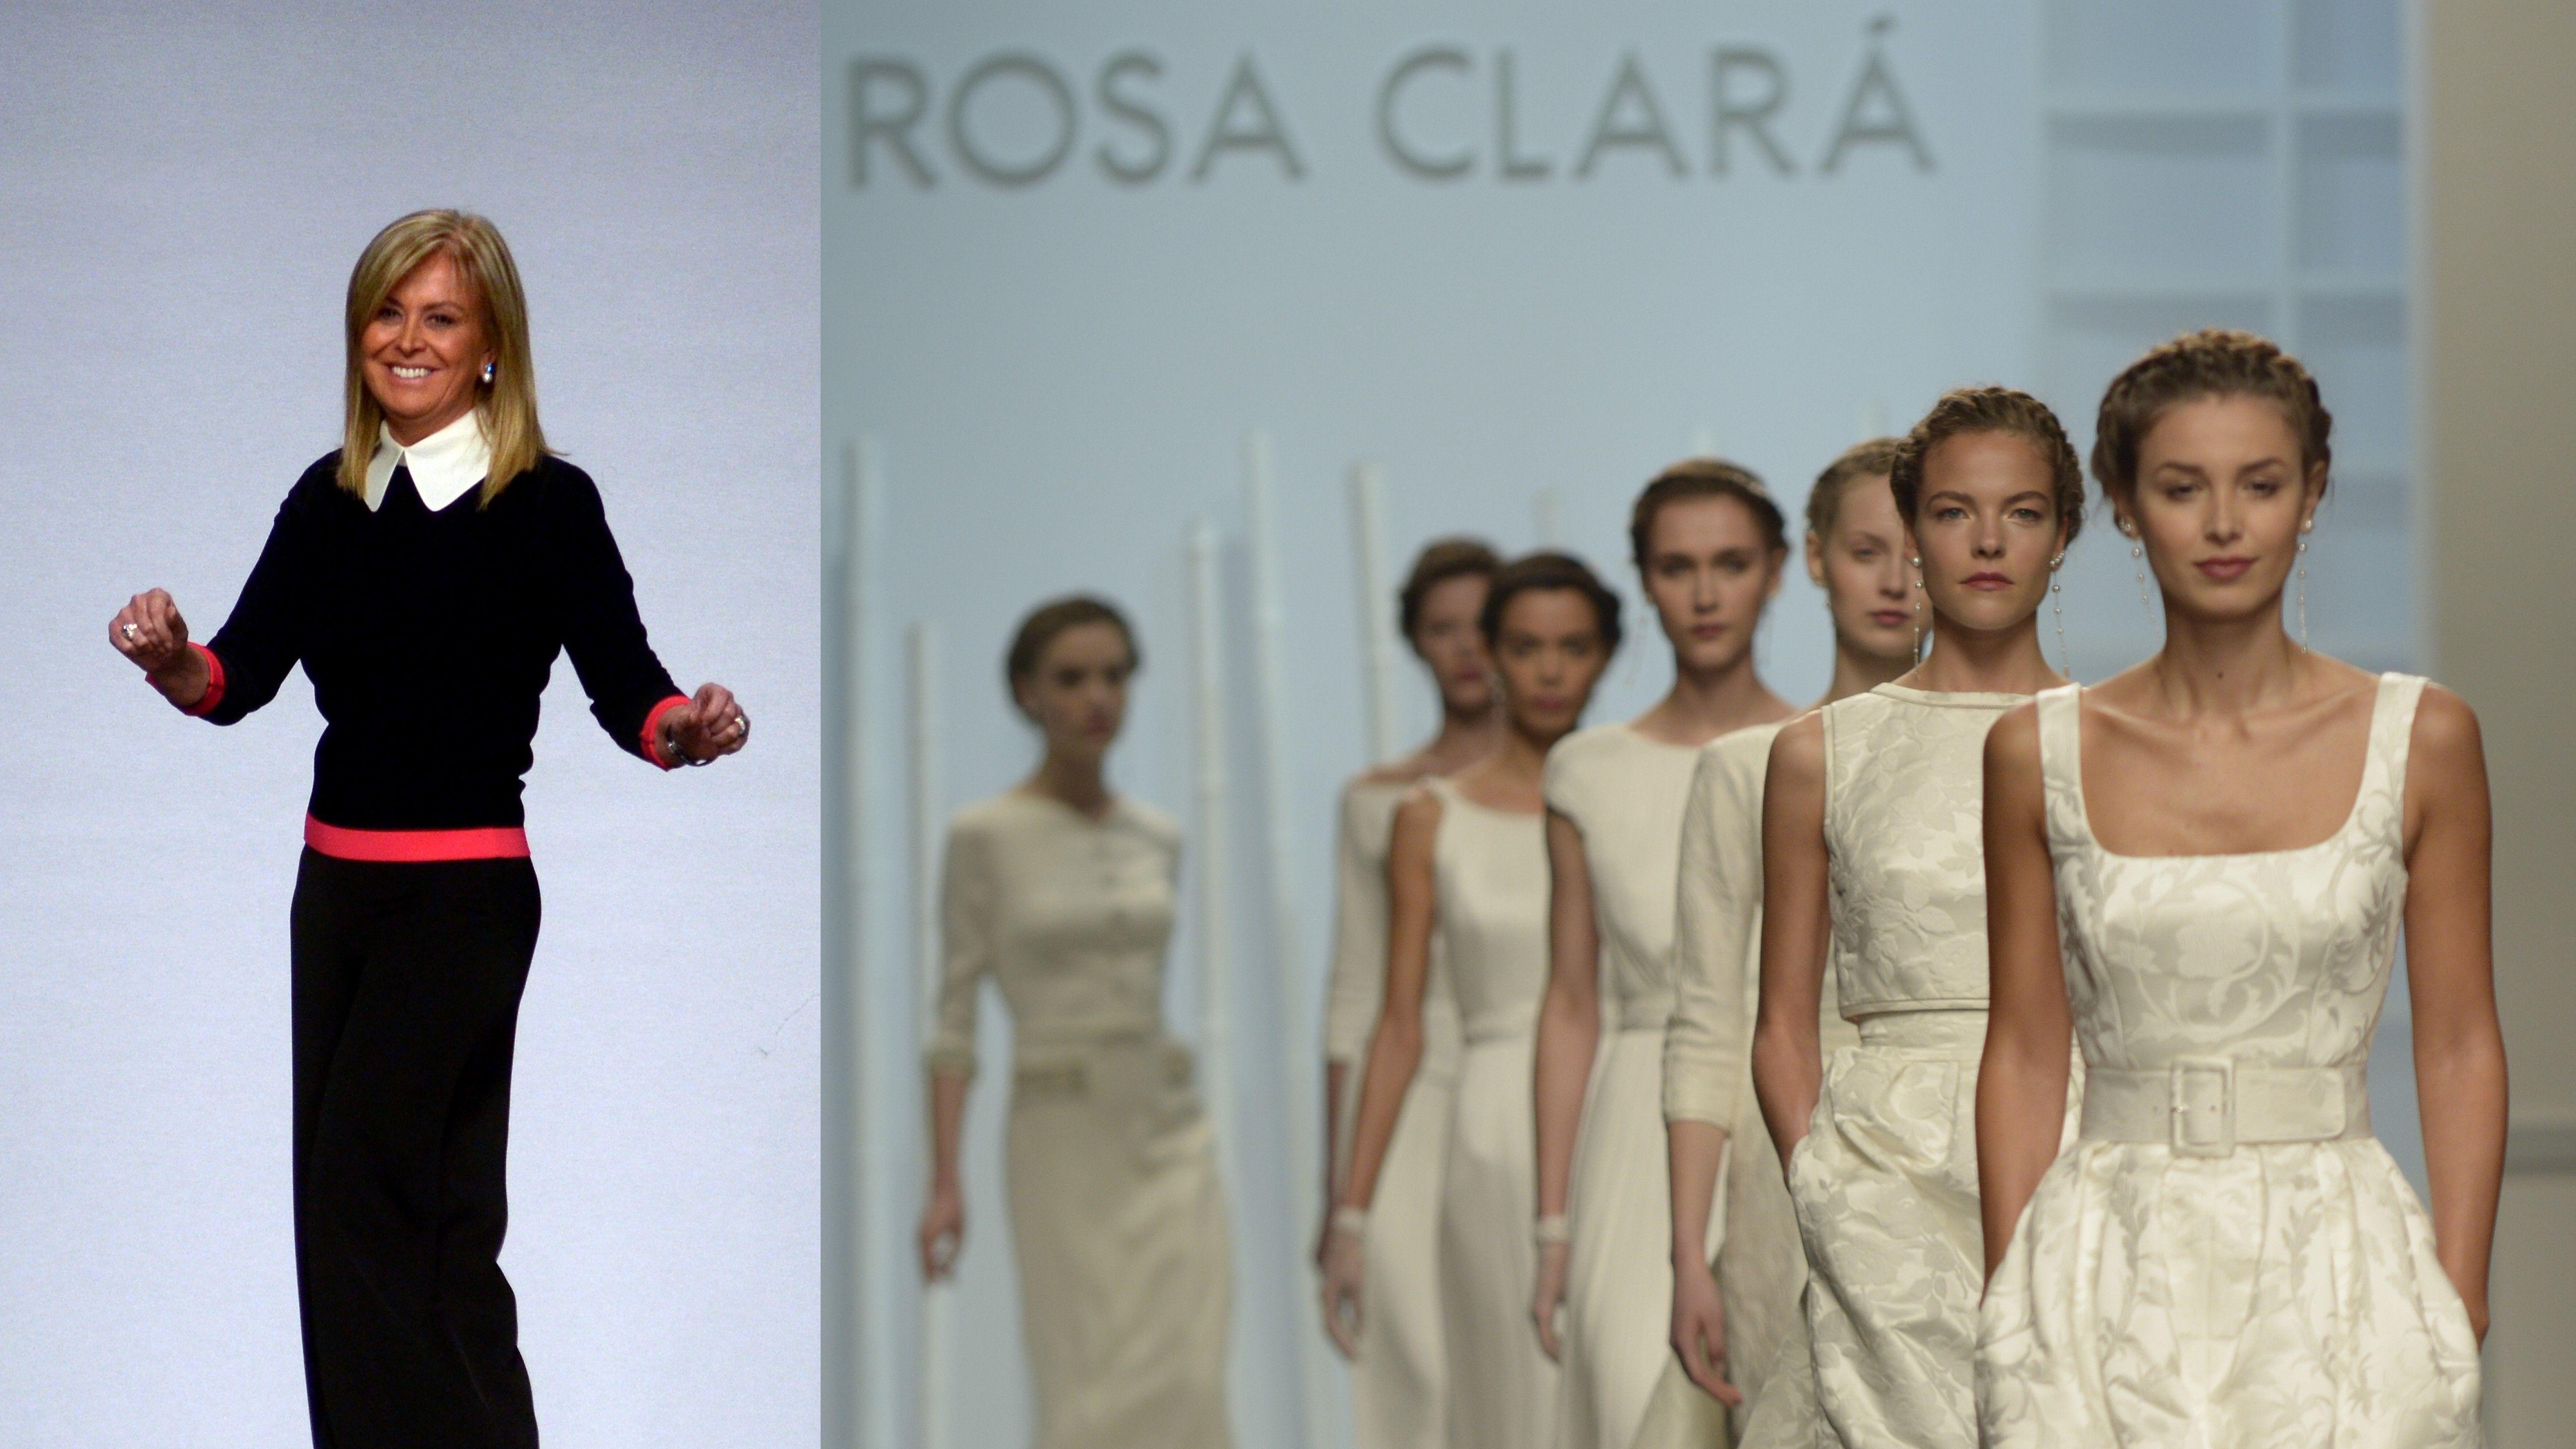 Rosa Clará, la diseñadora de novias que sedujo a Sofía Vergara